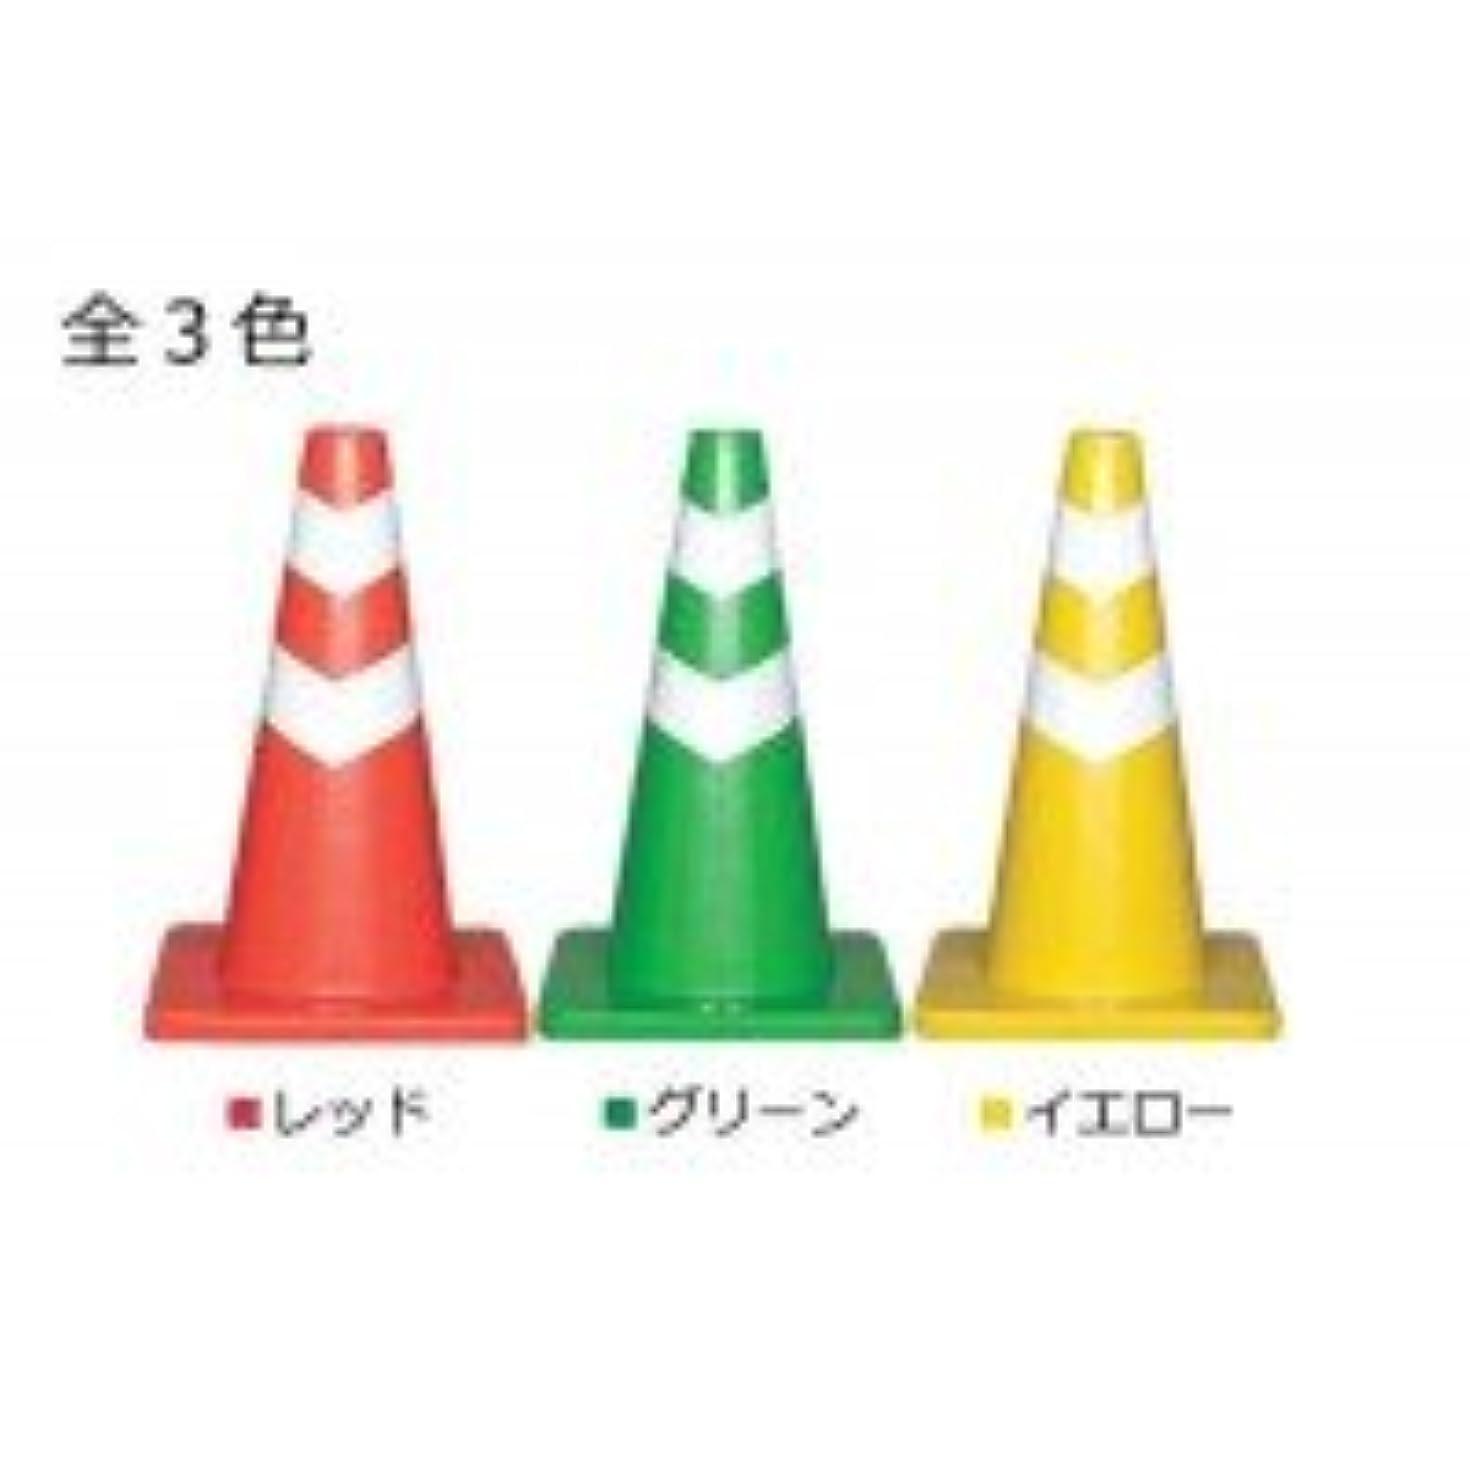 傷つけるサワー小川三甲 サンコー 反射テープ付コーン ソフトスコッチコーン 450H 8Y0124?レッド 1055553